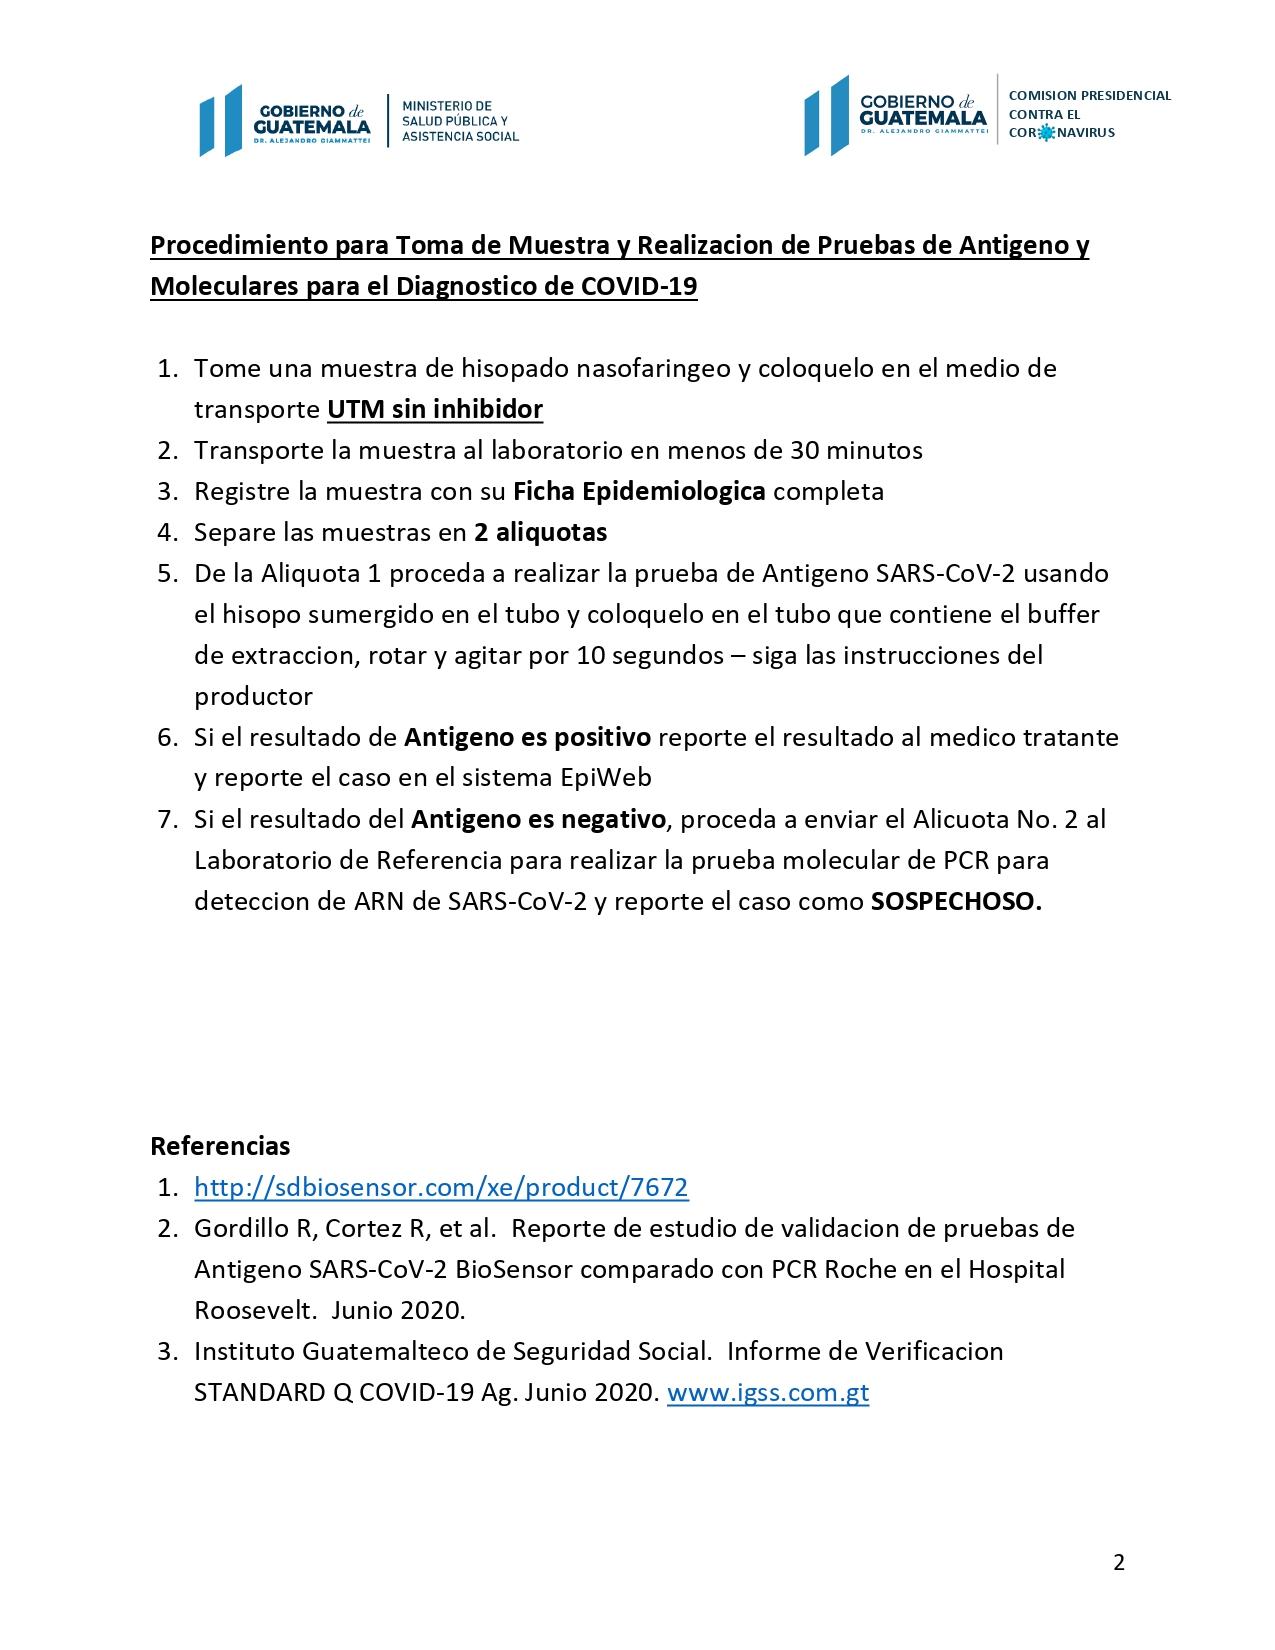 Guia_Nacional_para_la_realizacion_de_pruebas_diagnosticas_para_COVID (1)_page-0002